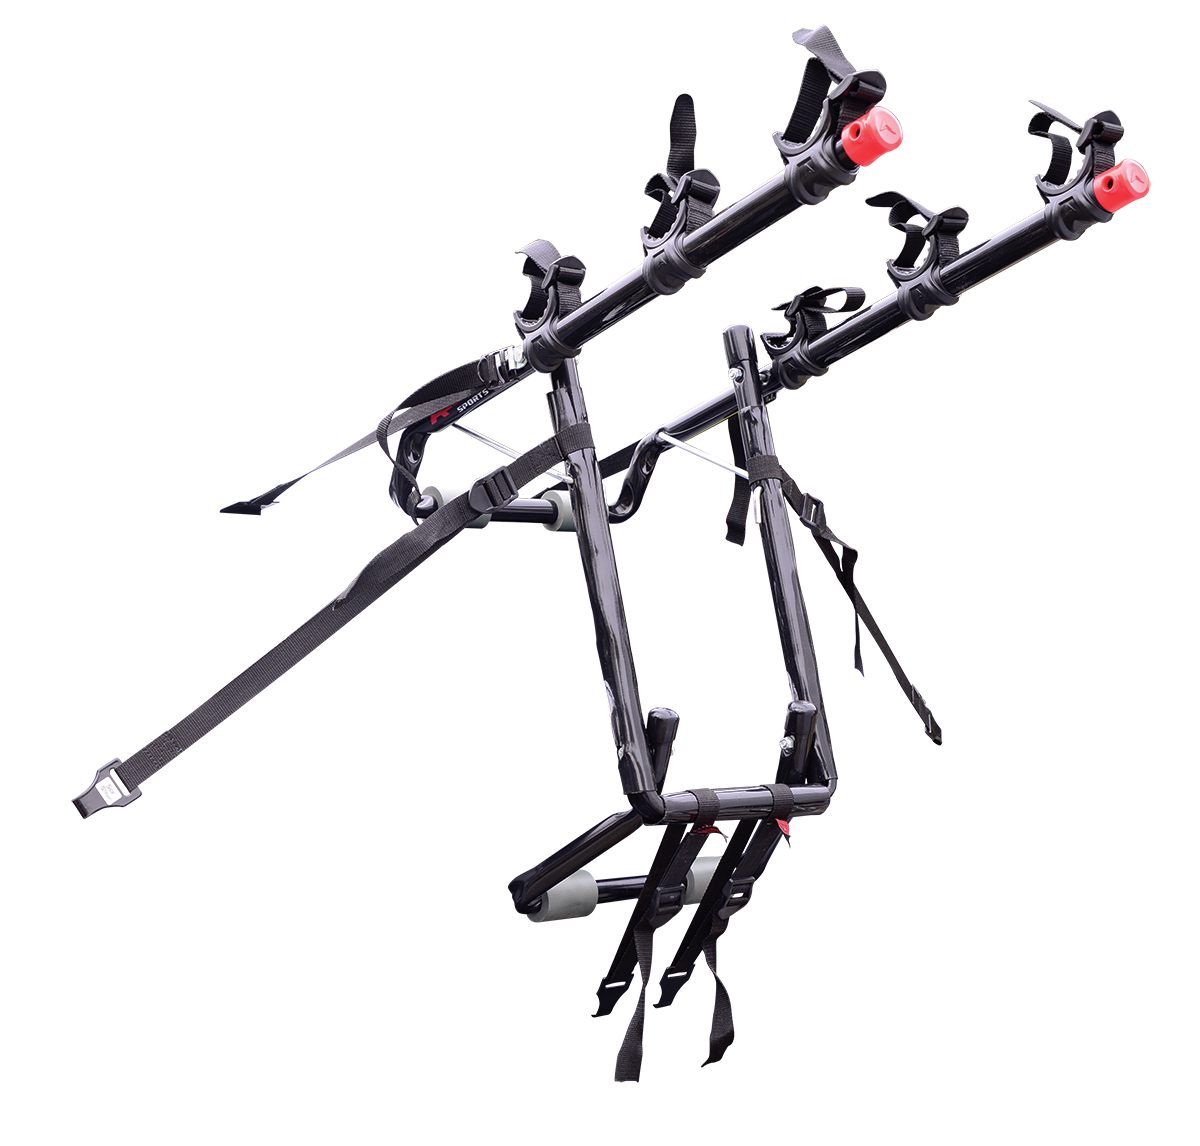 Allen Sports Deluxe 3-Bike Trunk Rack by Allen Sports